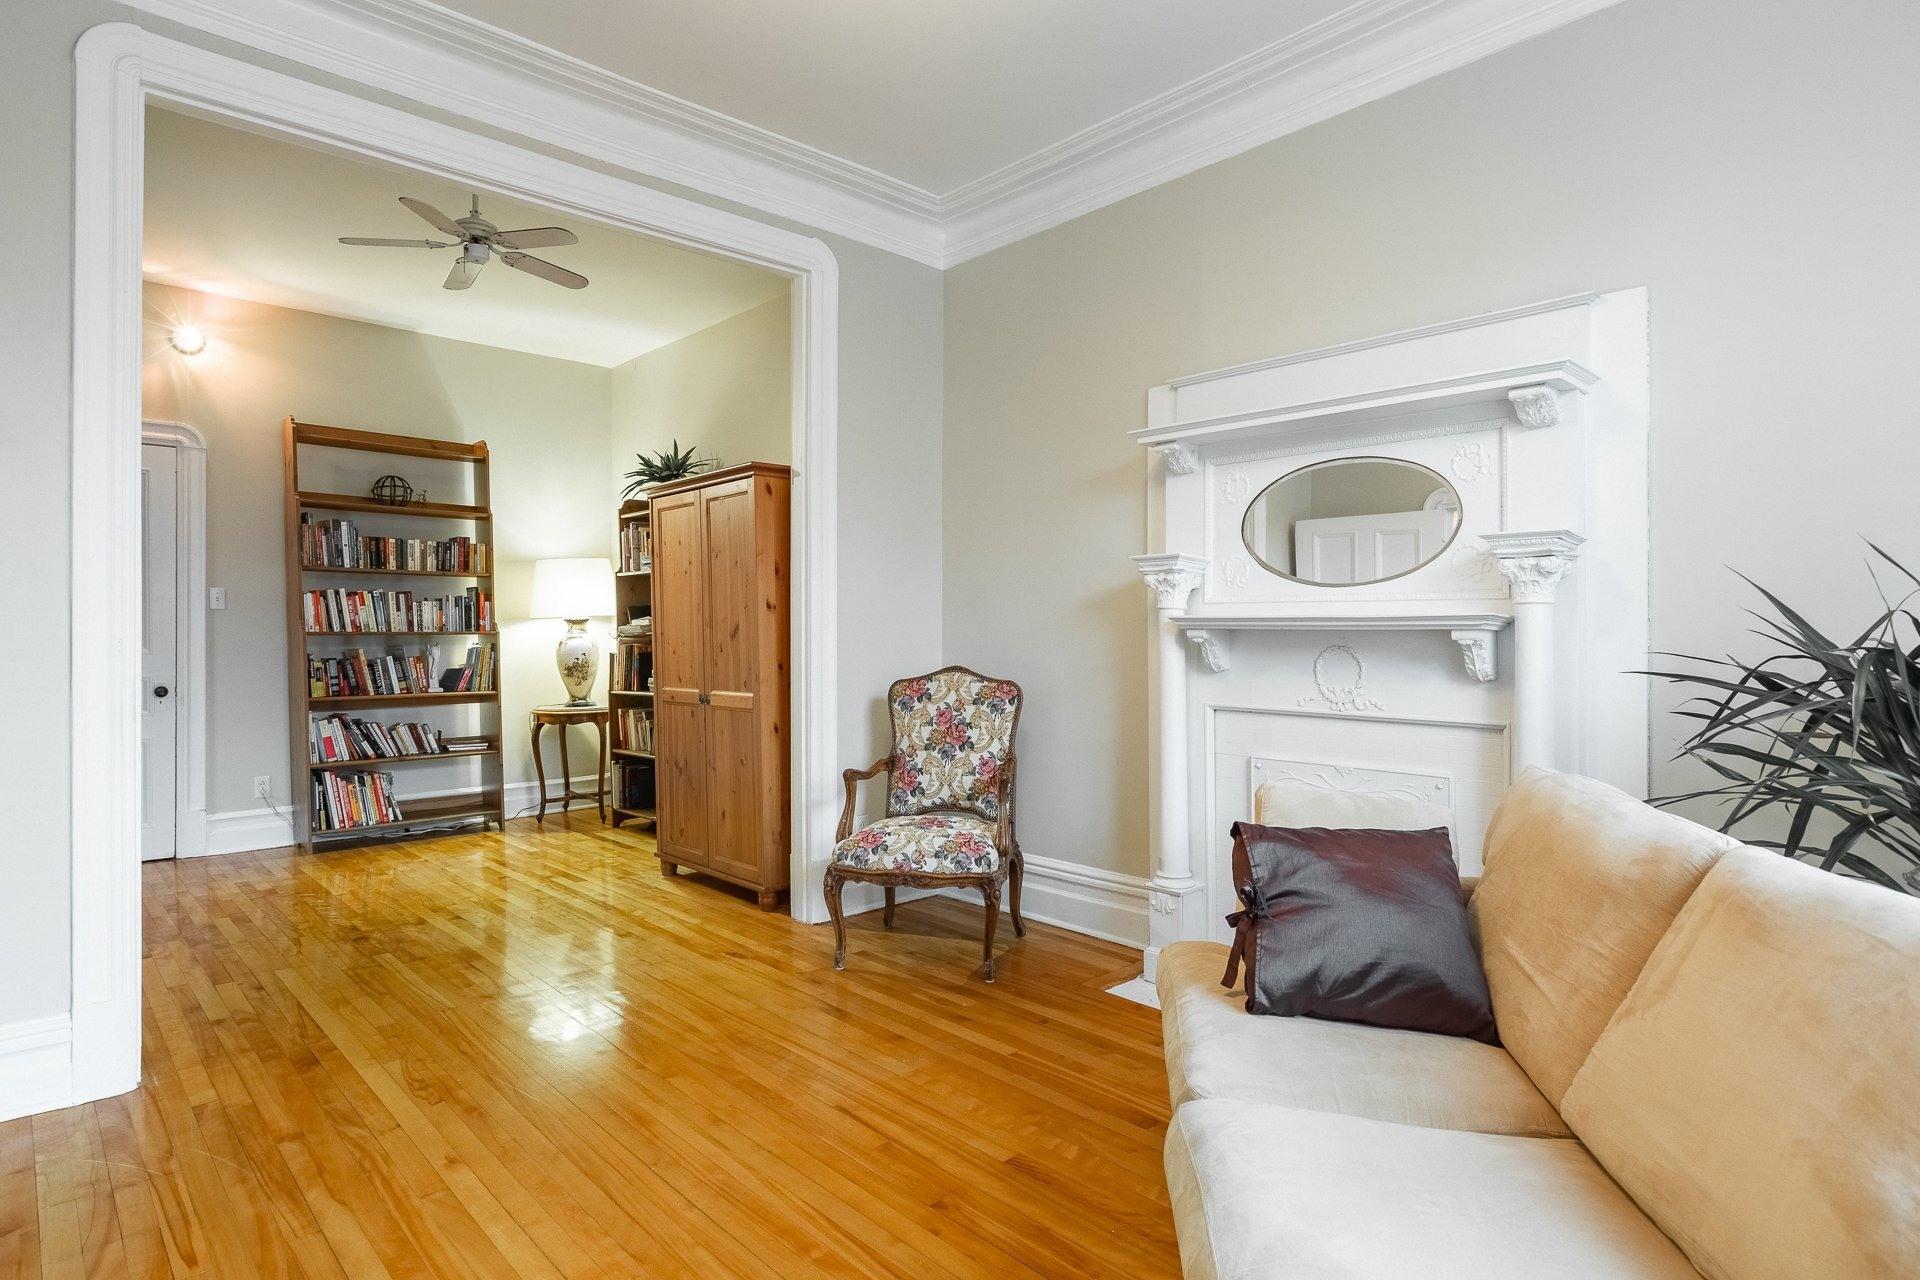 image 3 - Appartement À vendre Montréal Le Plateau-Mont-Royal  - 7 pièces